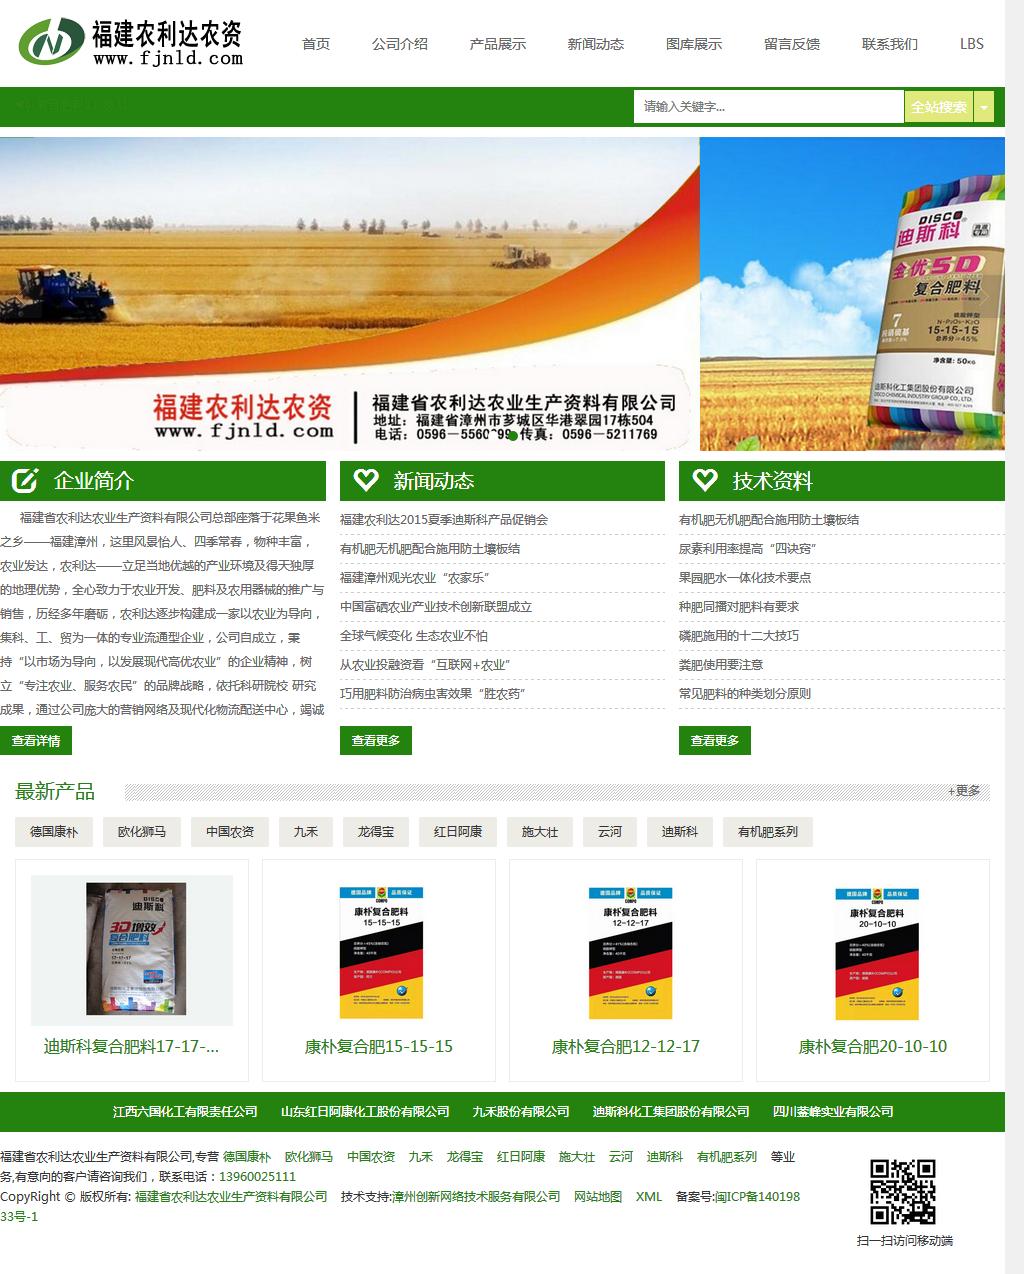 漳州網絡推廣